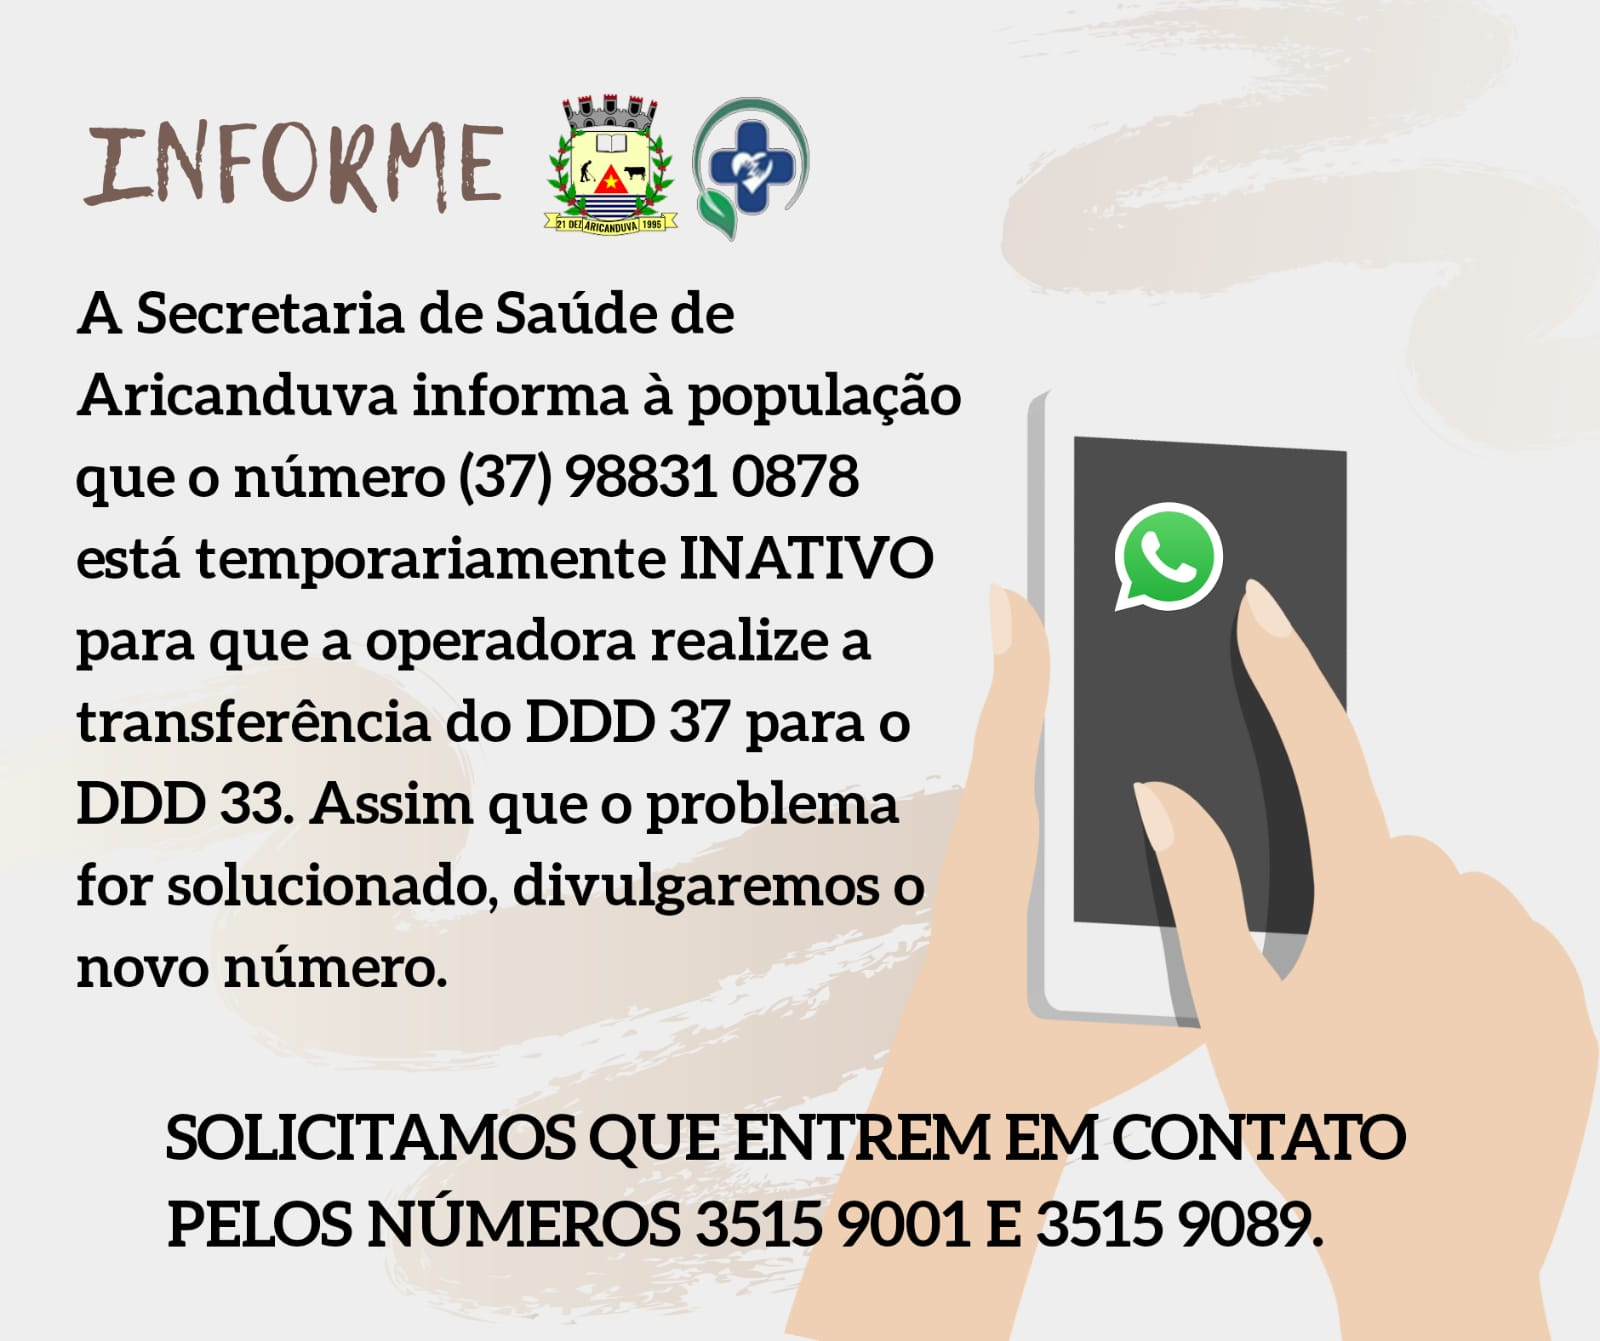 INFORME - SECRETARIA DE SAÚDE